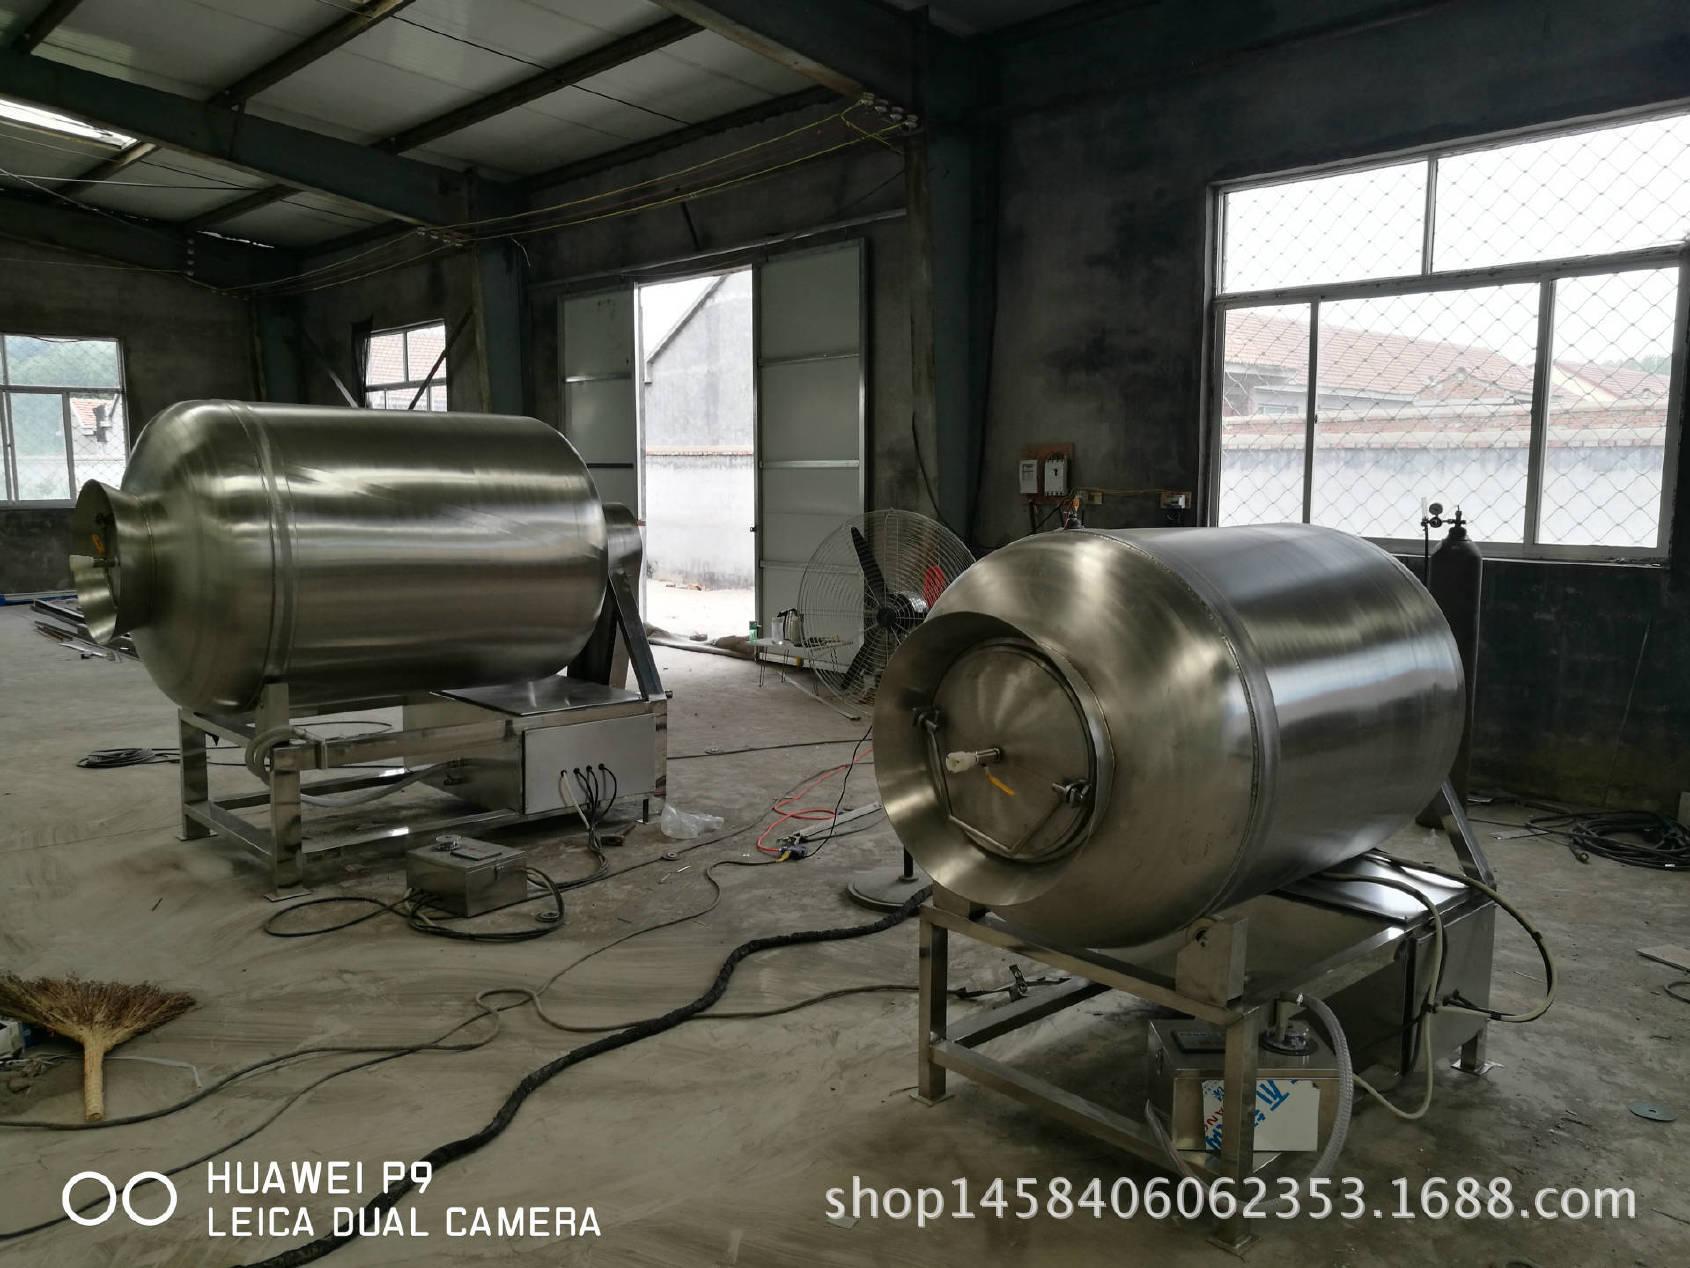 廠家五花肉鹵牛肉滾揉機 攪拌入味按摩真空滾揉機 不銹鋼設備結實圖片